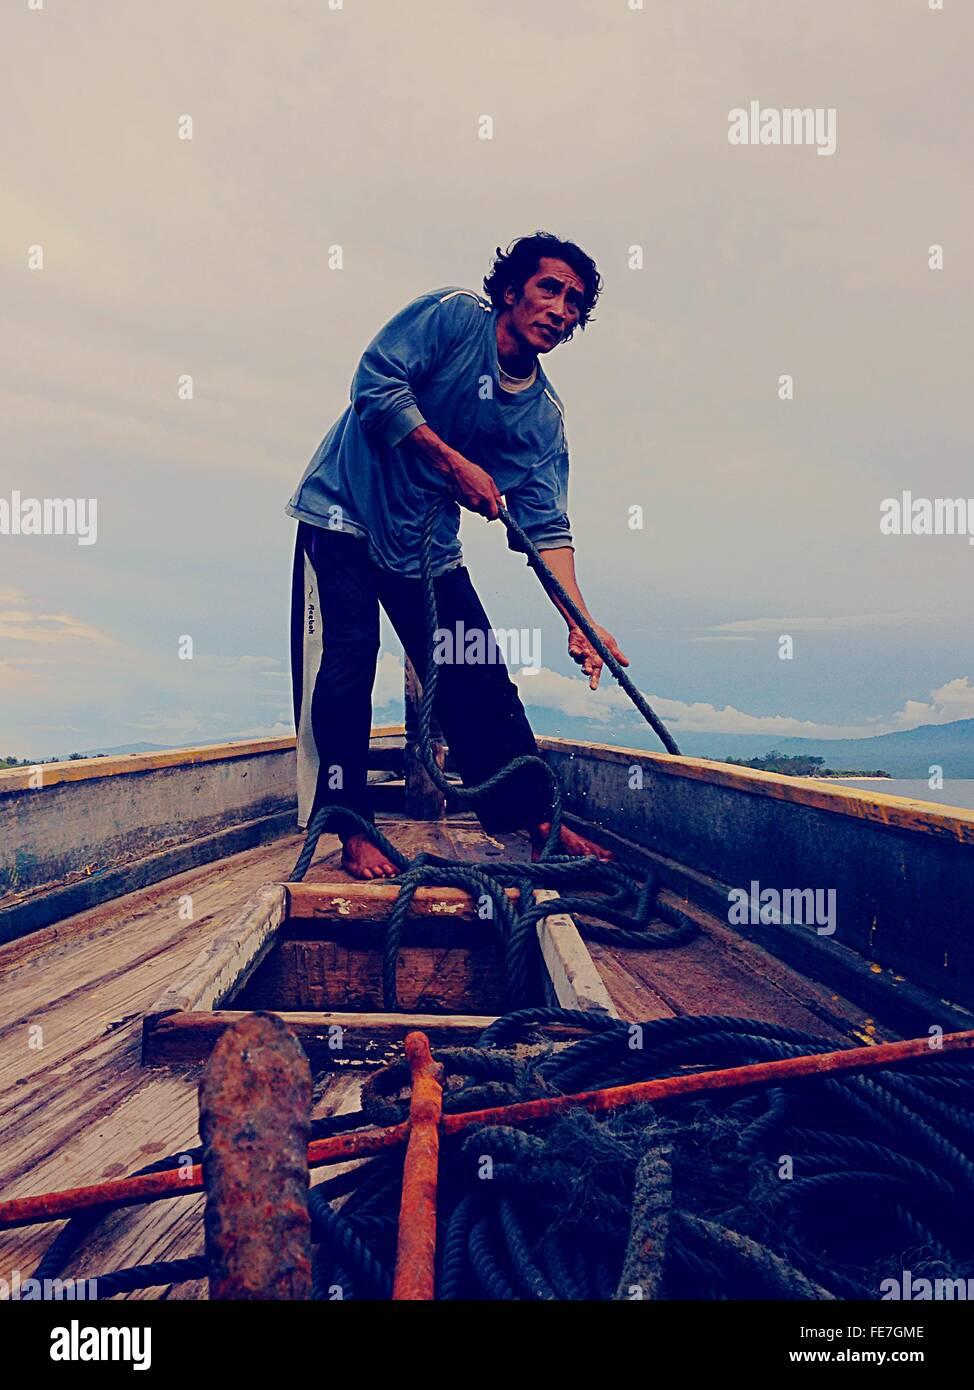 La longueur totale de l'homme tirant de corde en bateau contre Sky Photo Stock